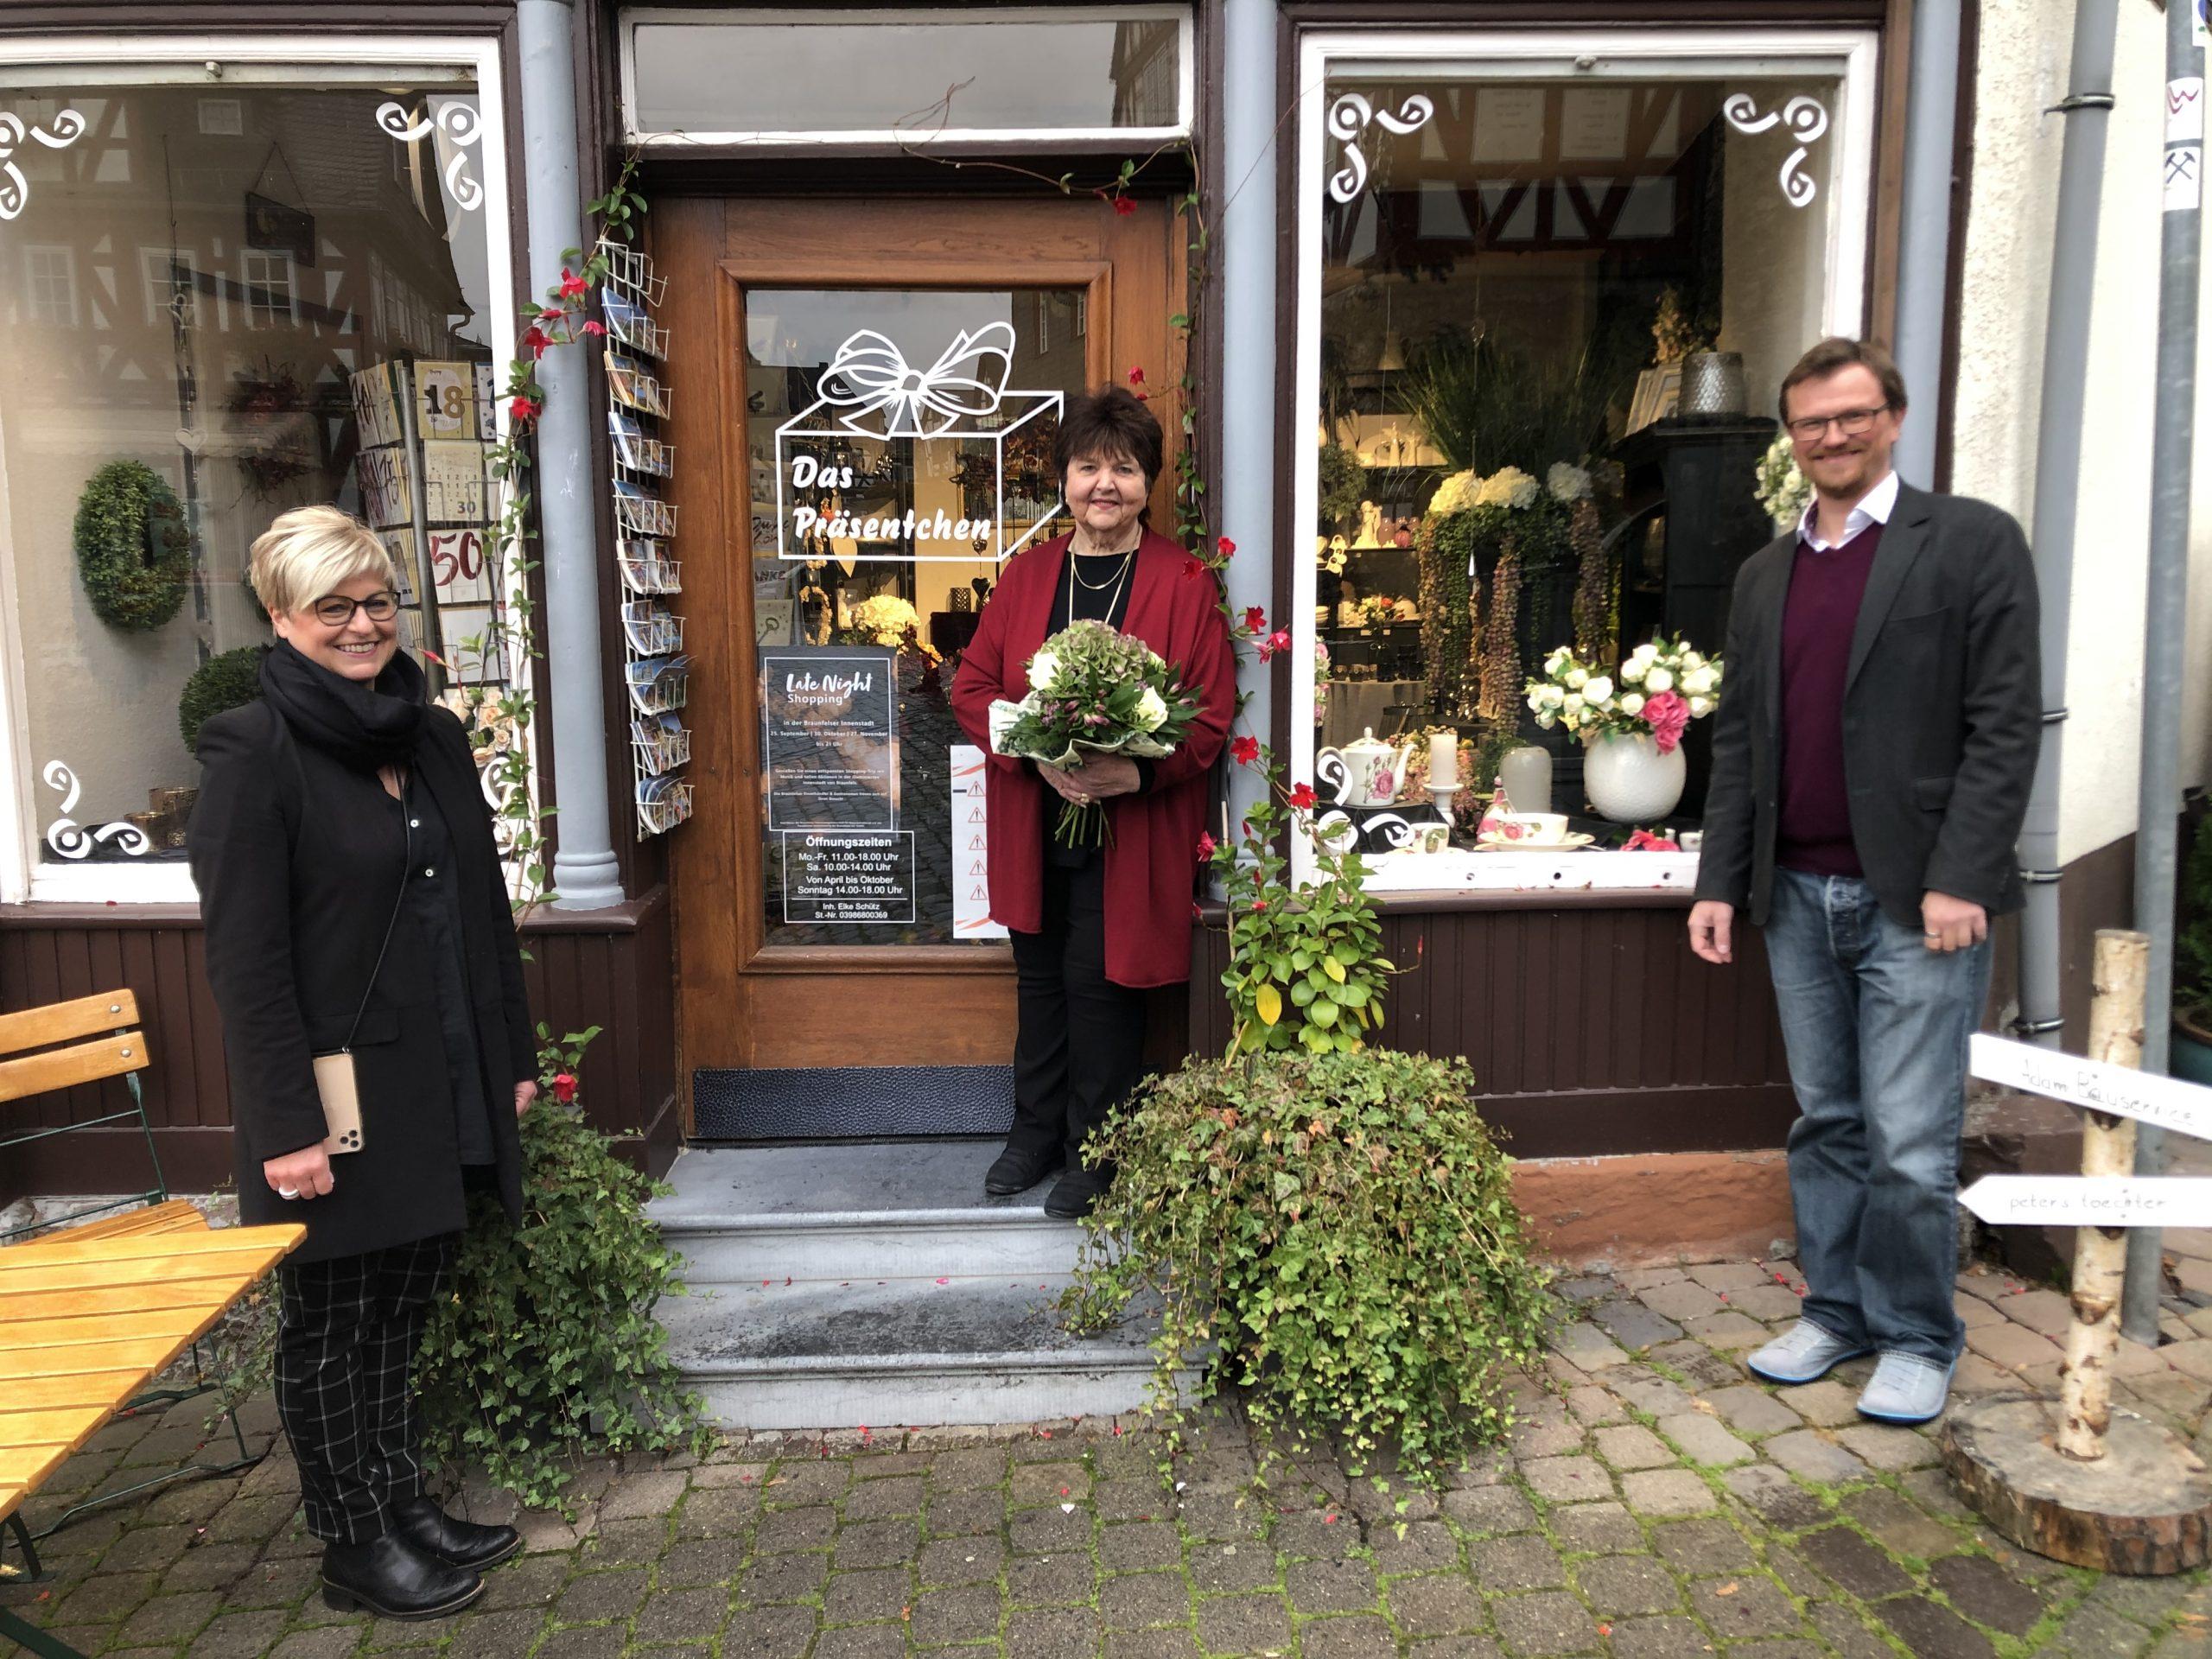 Regina Andermann (Interessengemeinschaft der Braunfelser Gewerbetreibenden e. V., links) und Philipp Borchardt (Braunfelser Kur GmbH, rechts) gratulieren Elke Schütz zum 25jährigen Jubiläum ihres Ladens.